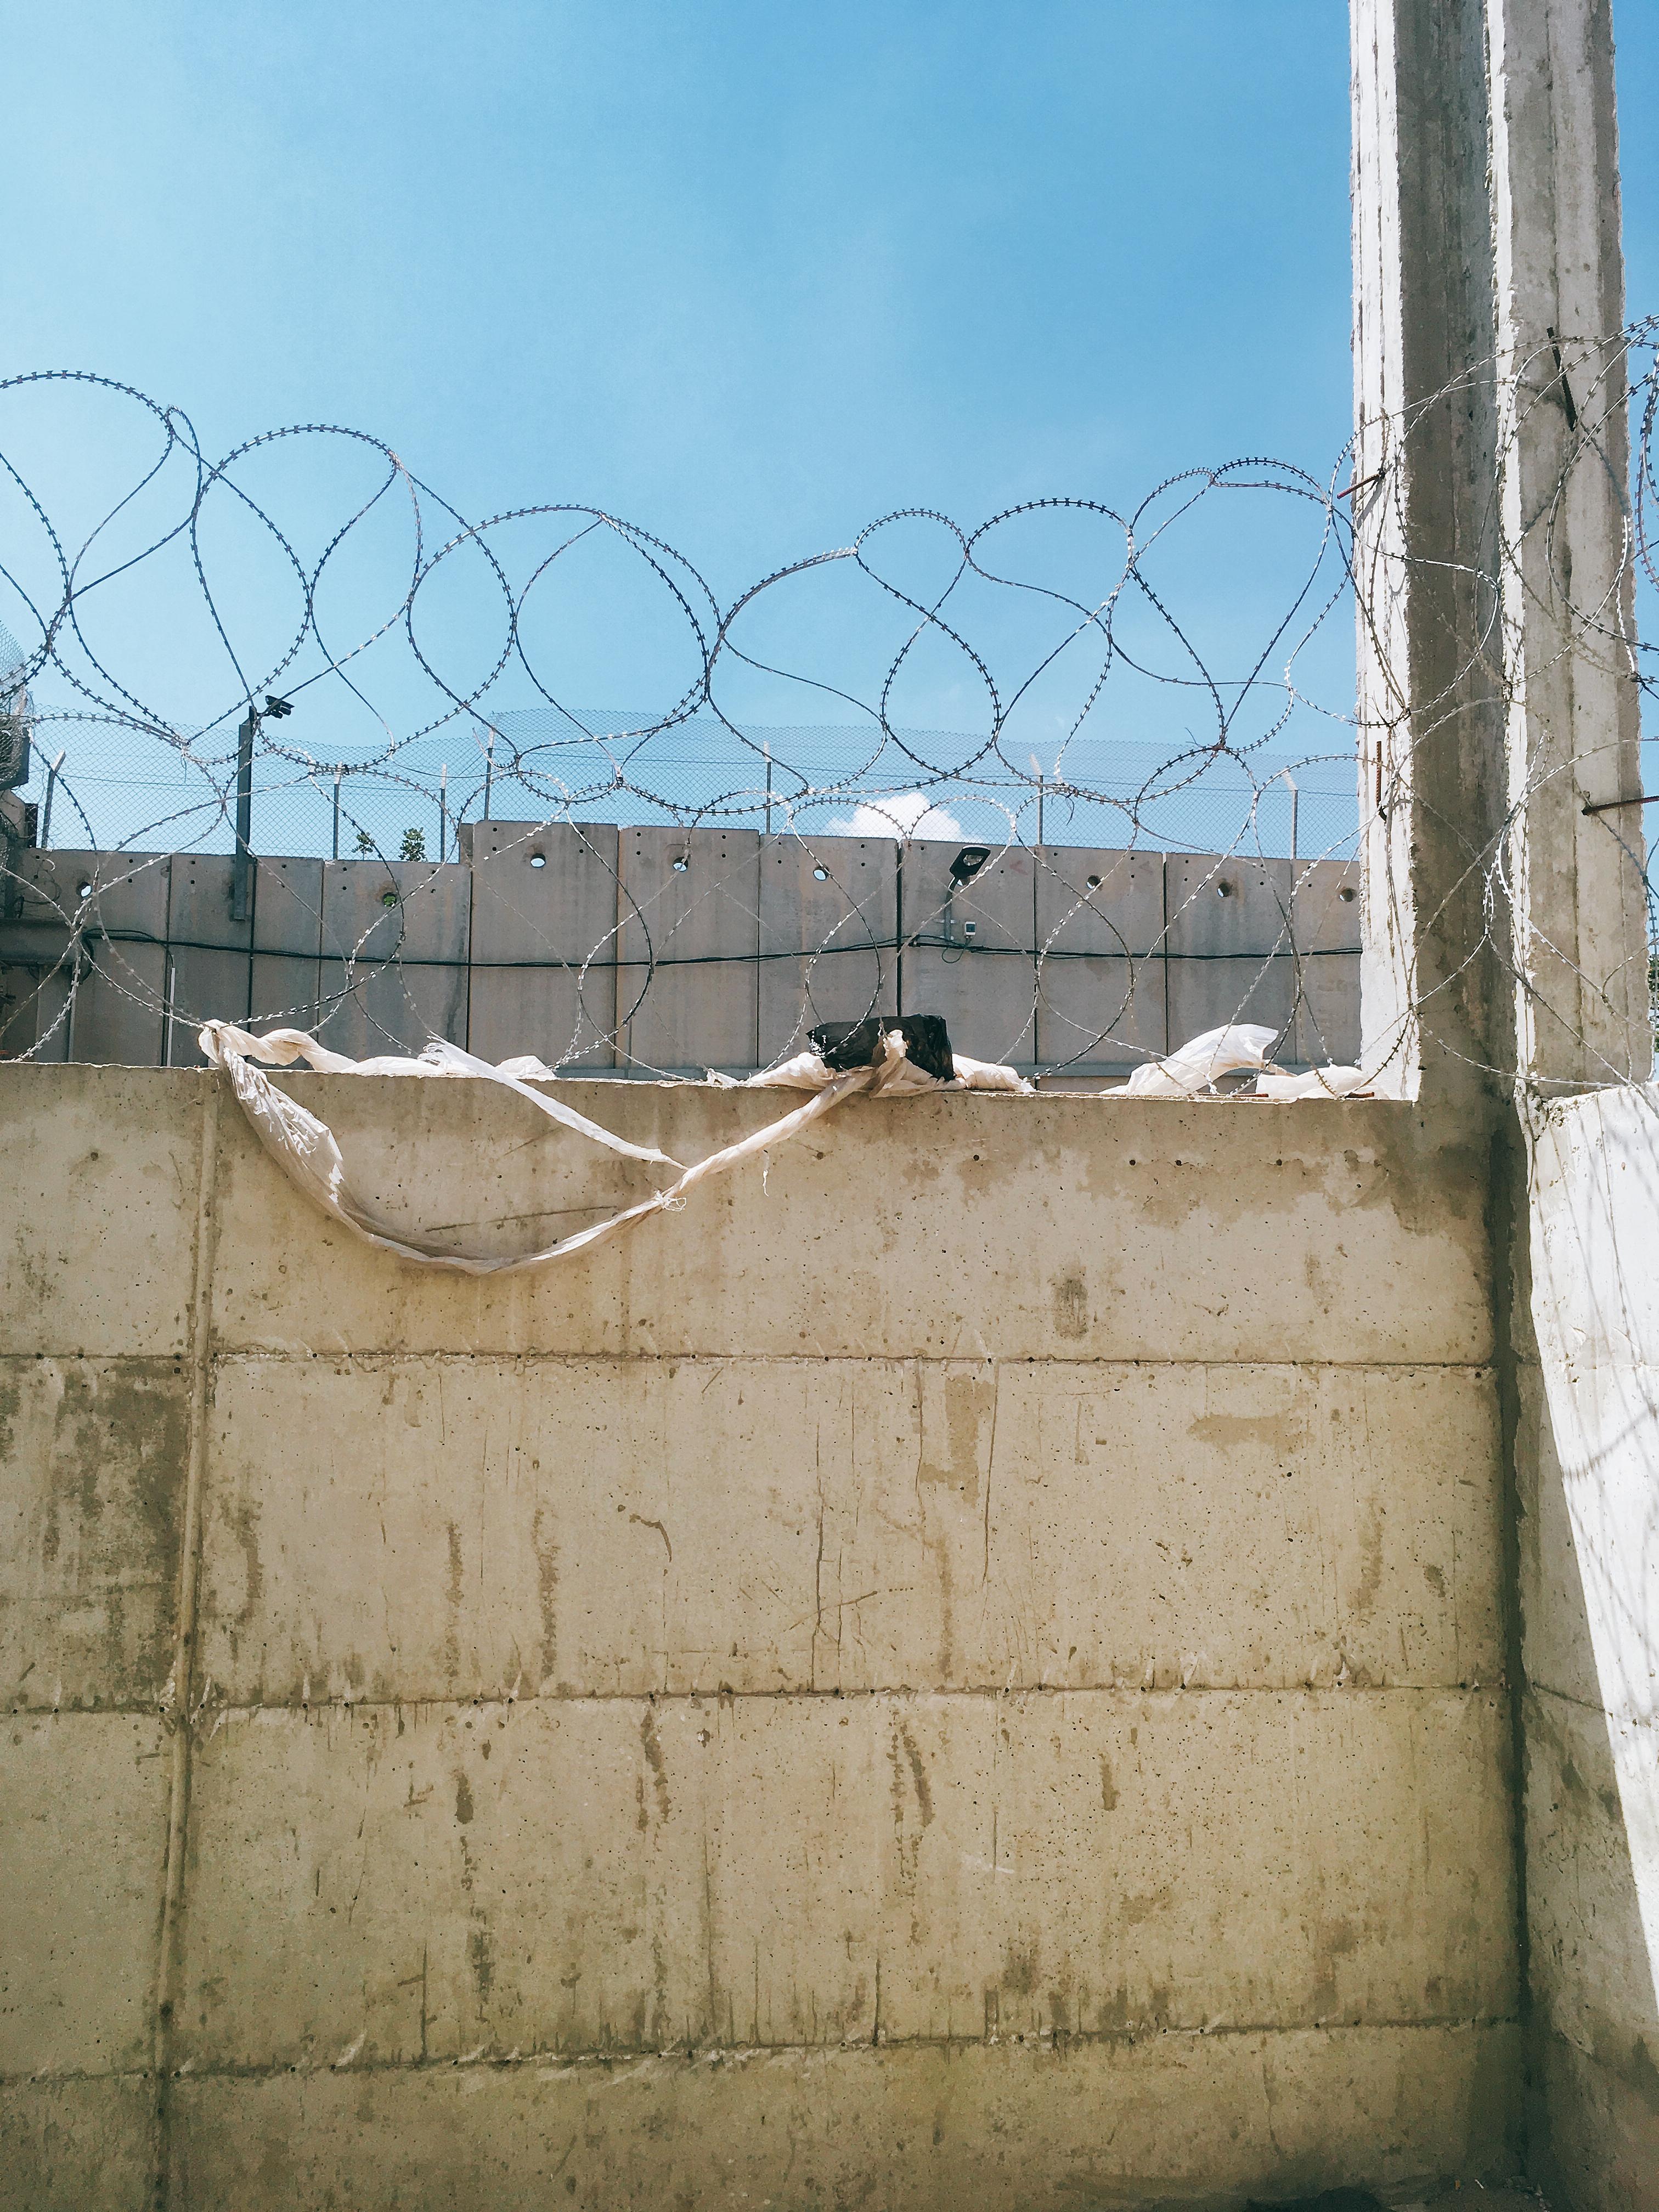 image3 - そもそも、イスラエル・パレスチナ問題とは【長期連載〜パレスチナの今〜第3回】